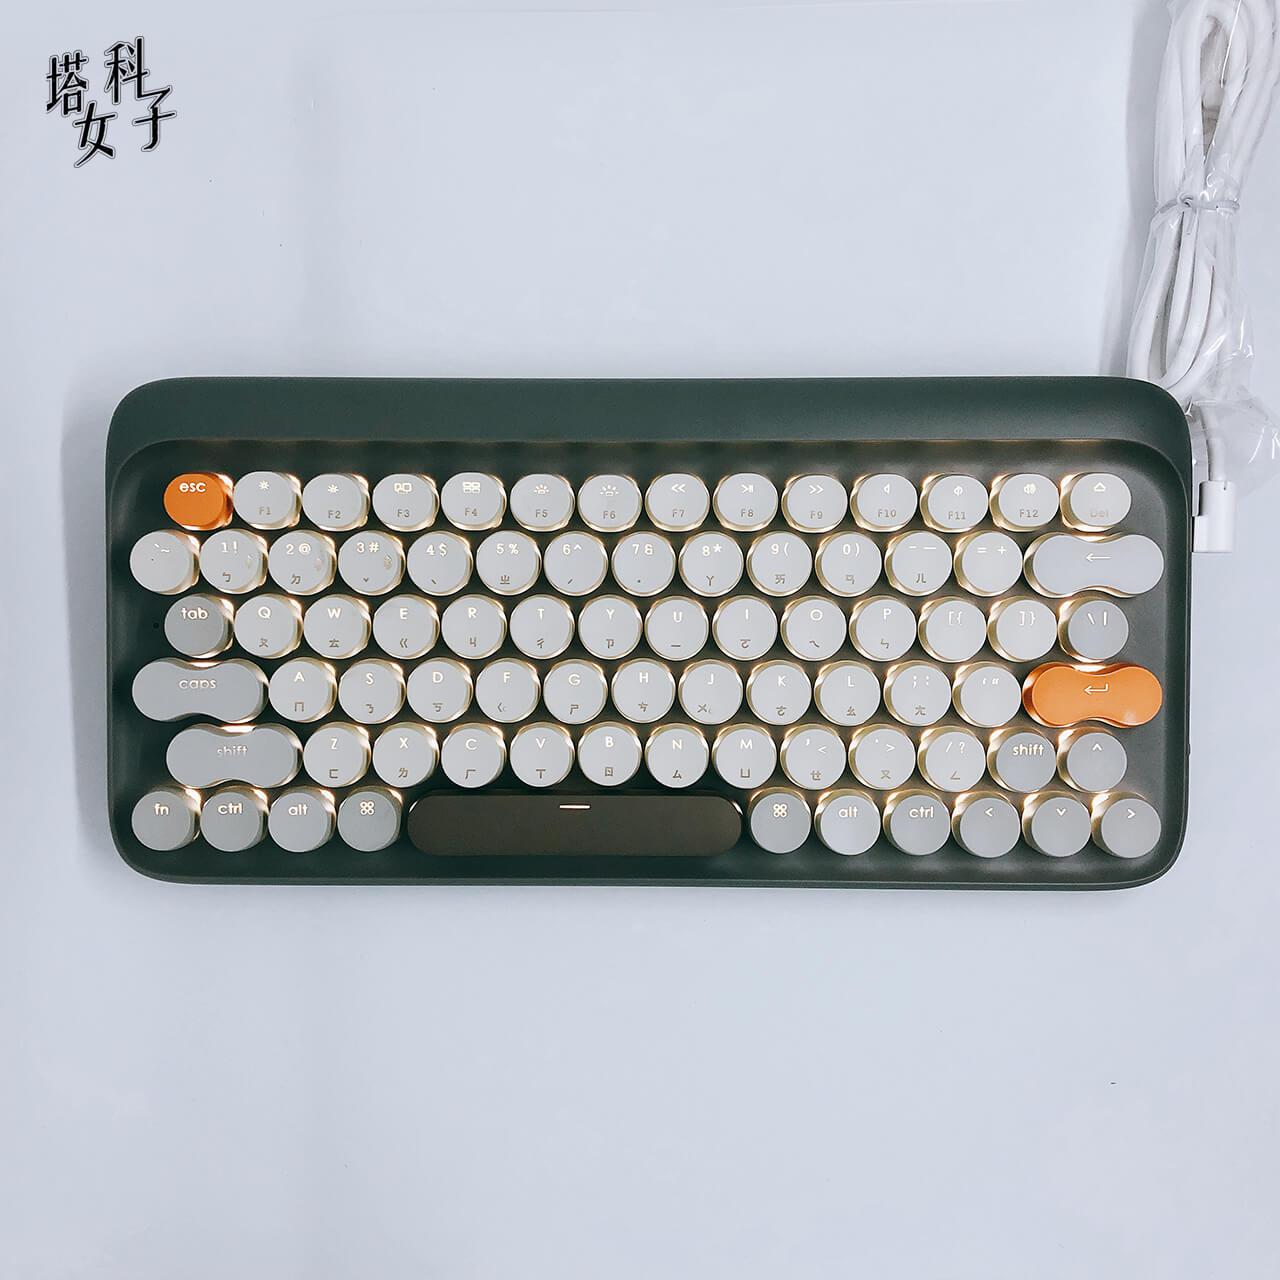 Lofree 打字機鍵盤 - 三段 LED 背光